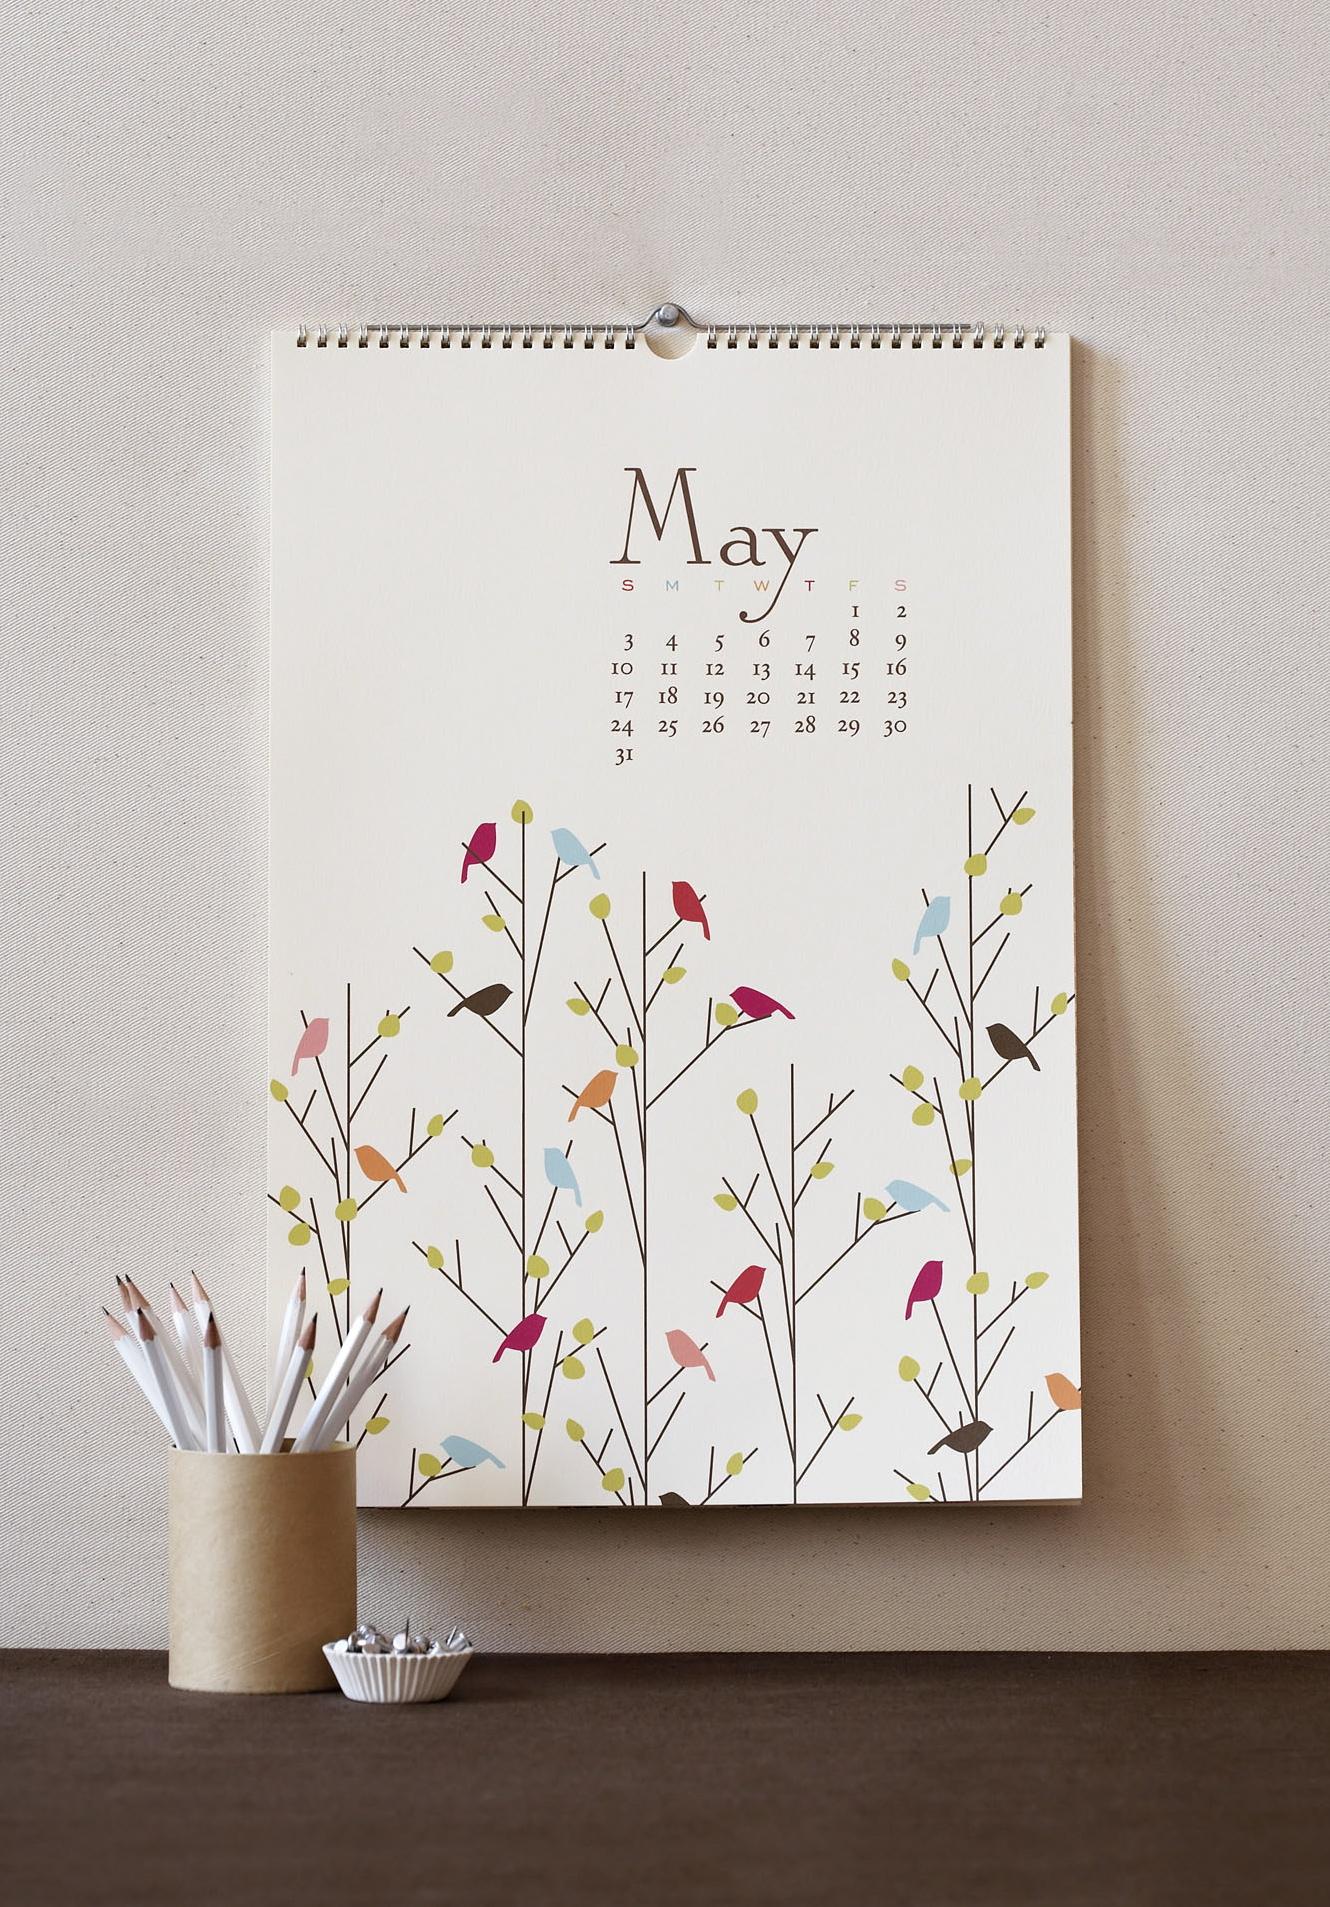 Kalender Dinding Spiral 32x48 cm - Harga Cetak Kalender 2014